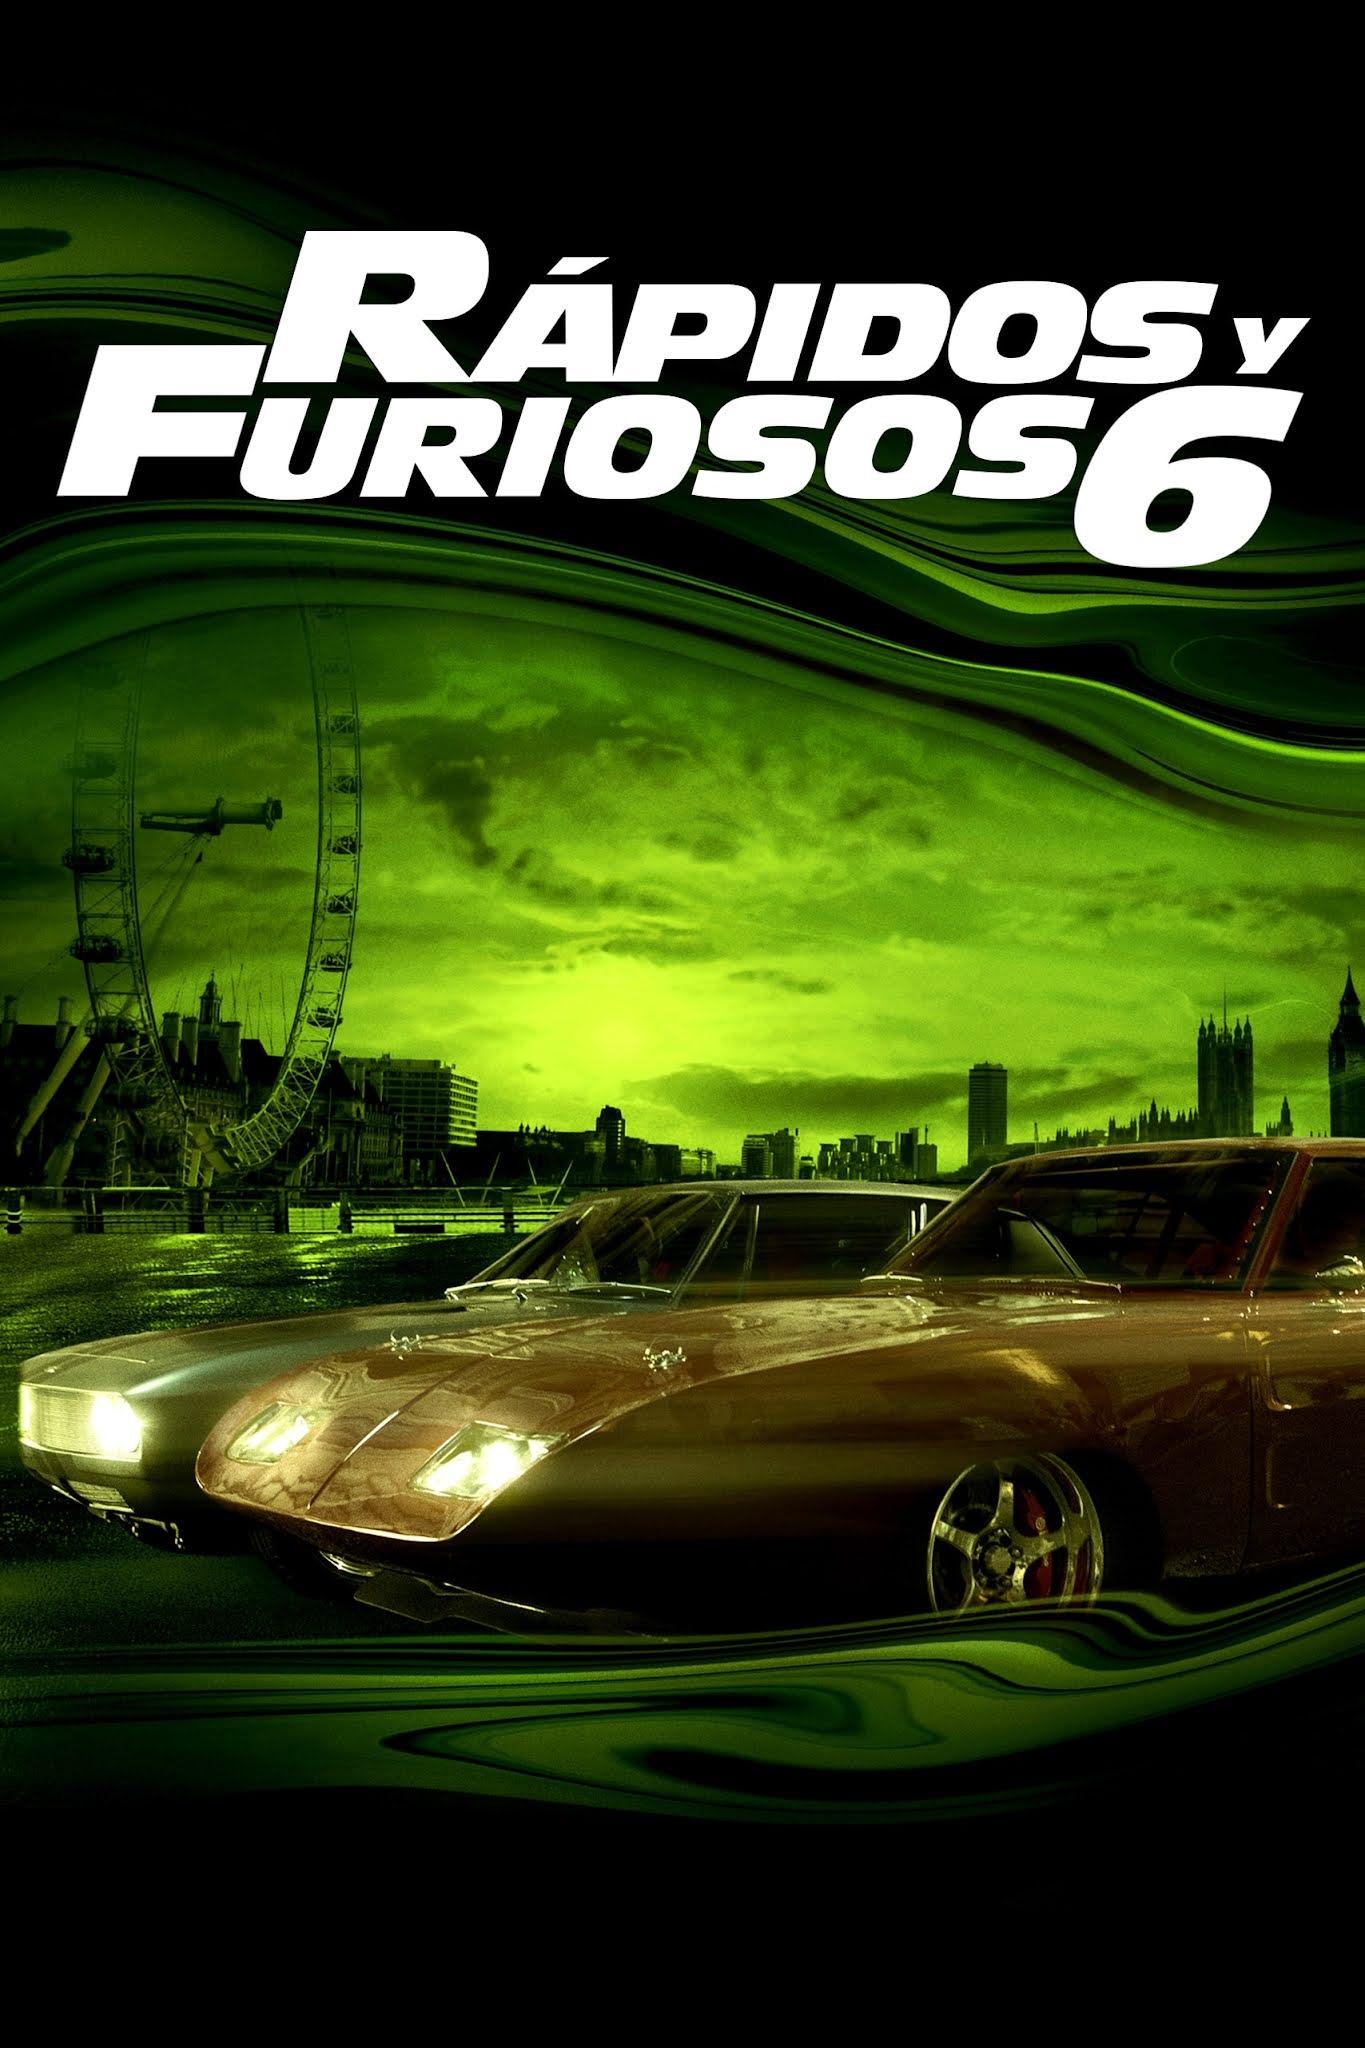 Rápido y Furioso 6 (2013) [Open Matte] WEB-DL 1080p Latino